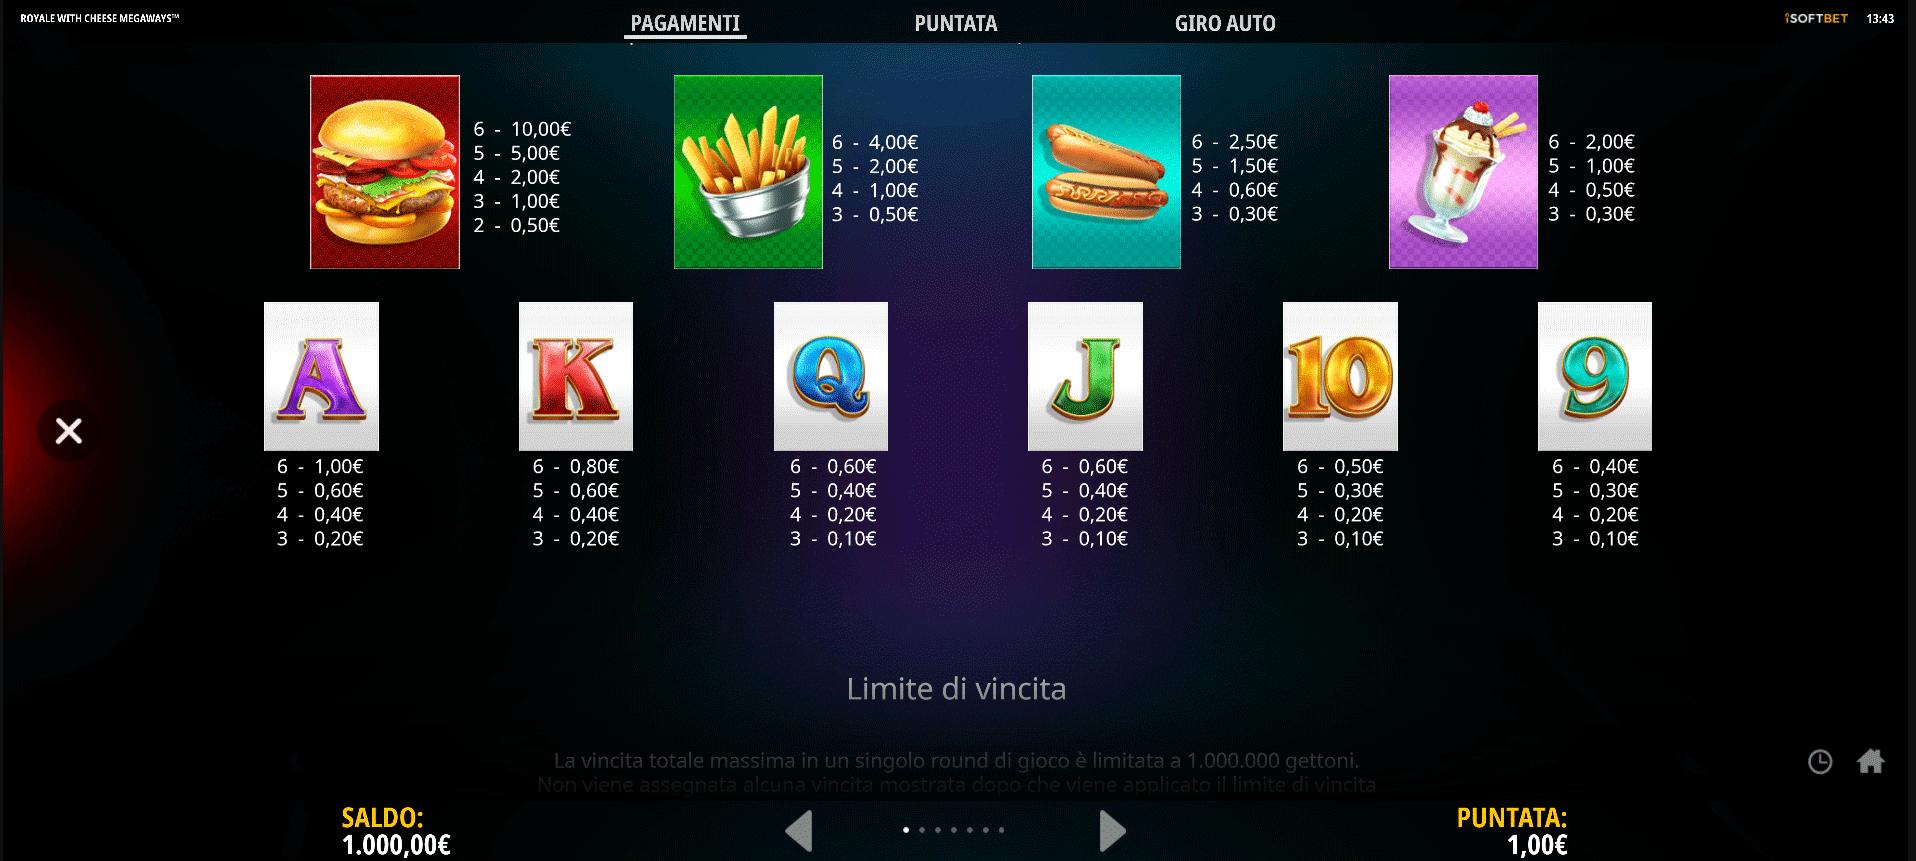 tabella delle vincite della slot machine royale with cheese megaways